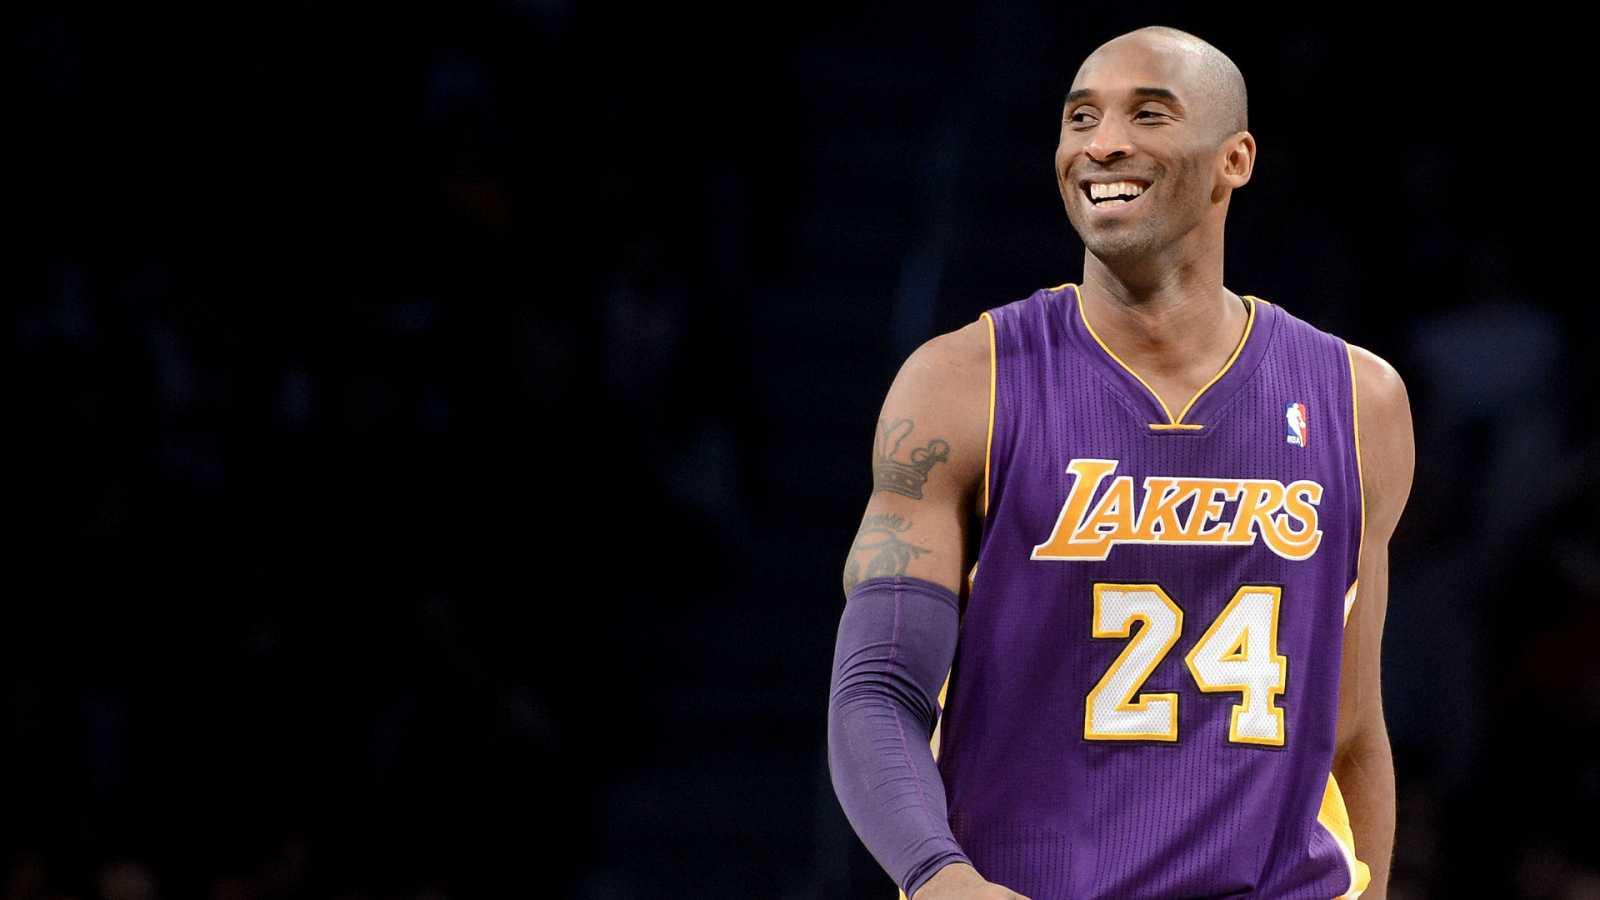 El vestuario en Radio 5 - Kobe Bryant, el mito que se acercó a Jordan - Escuchar ahora